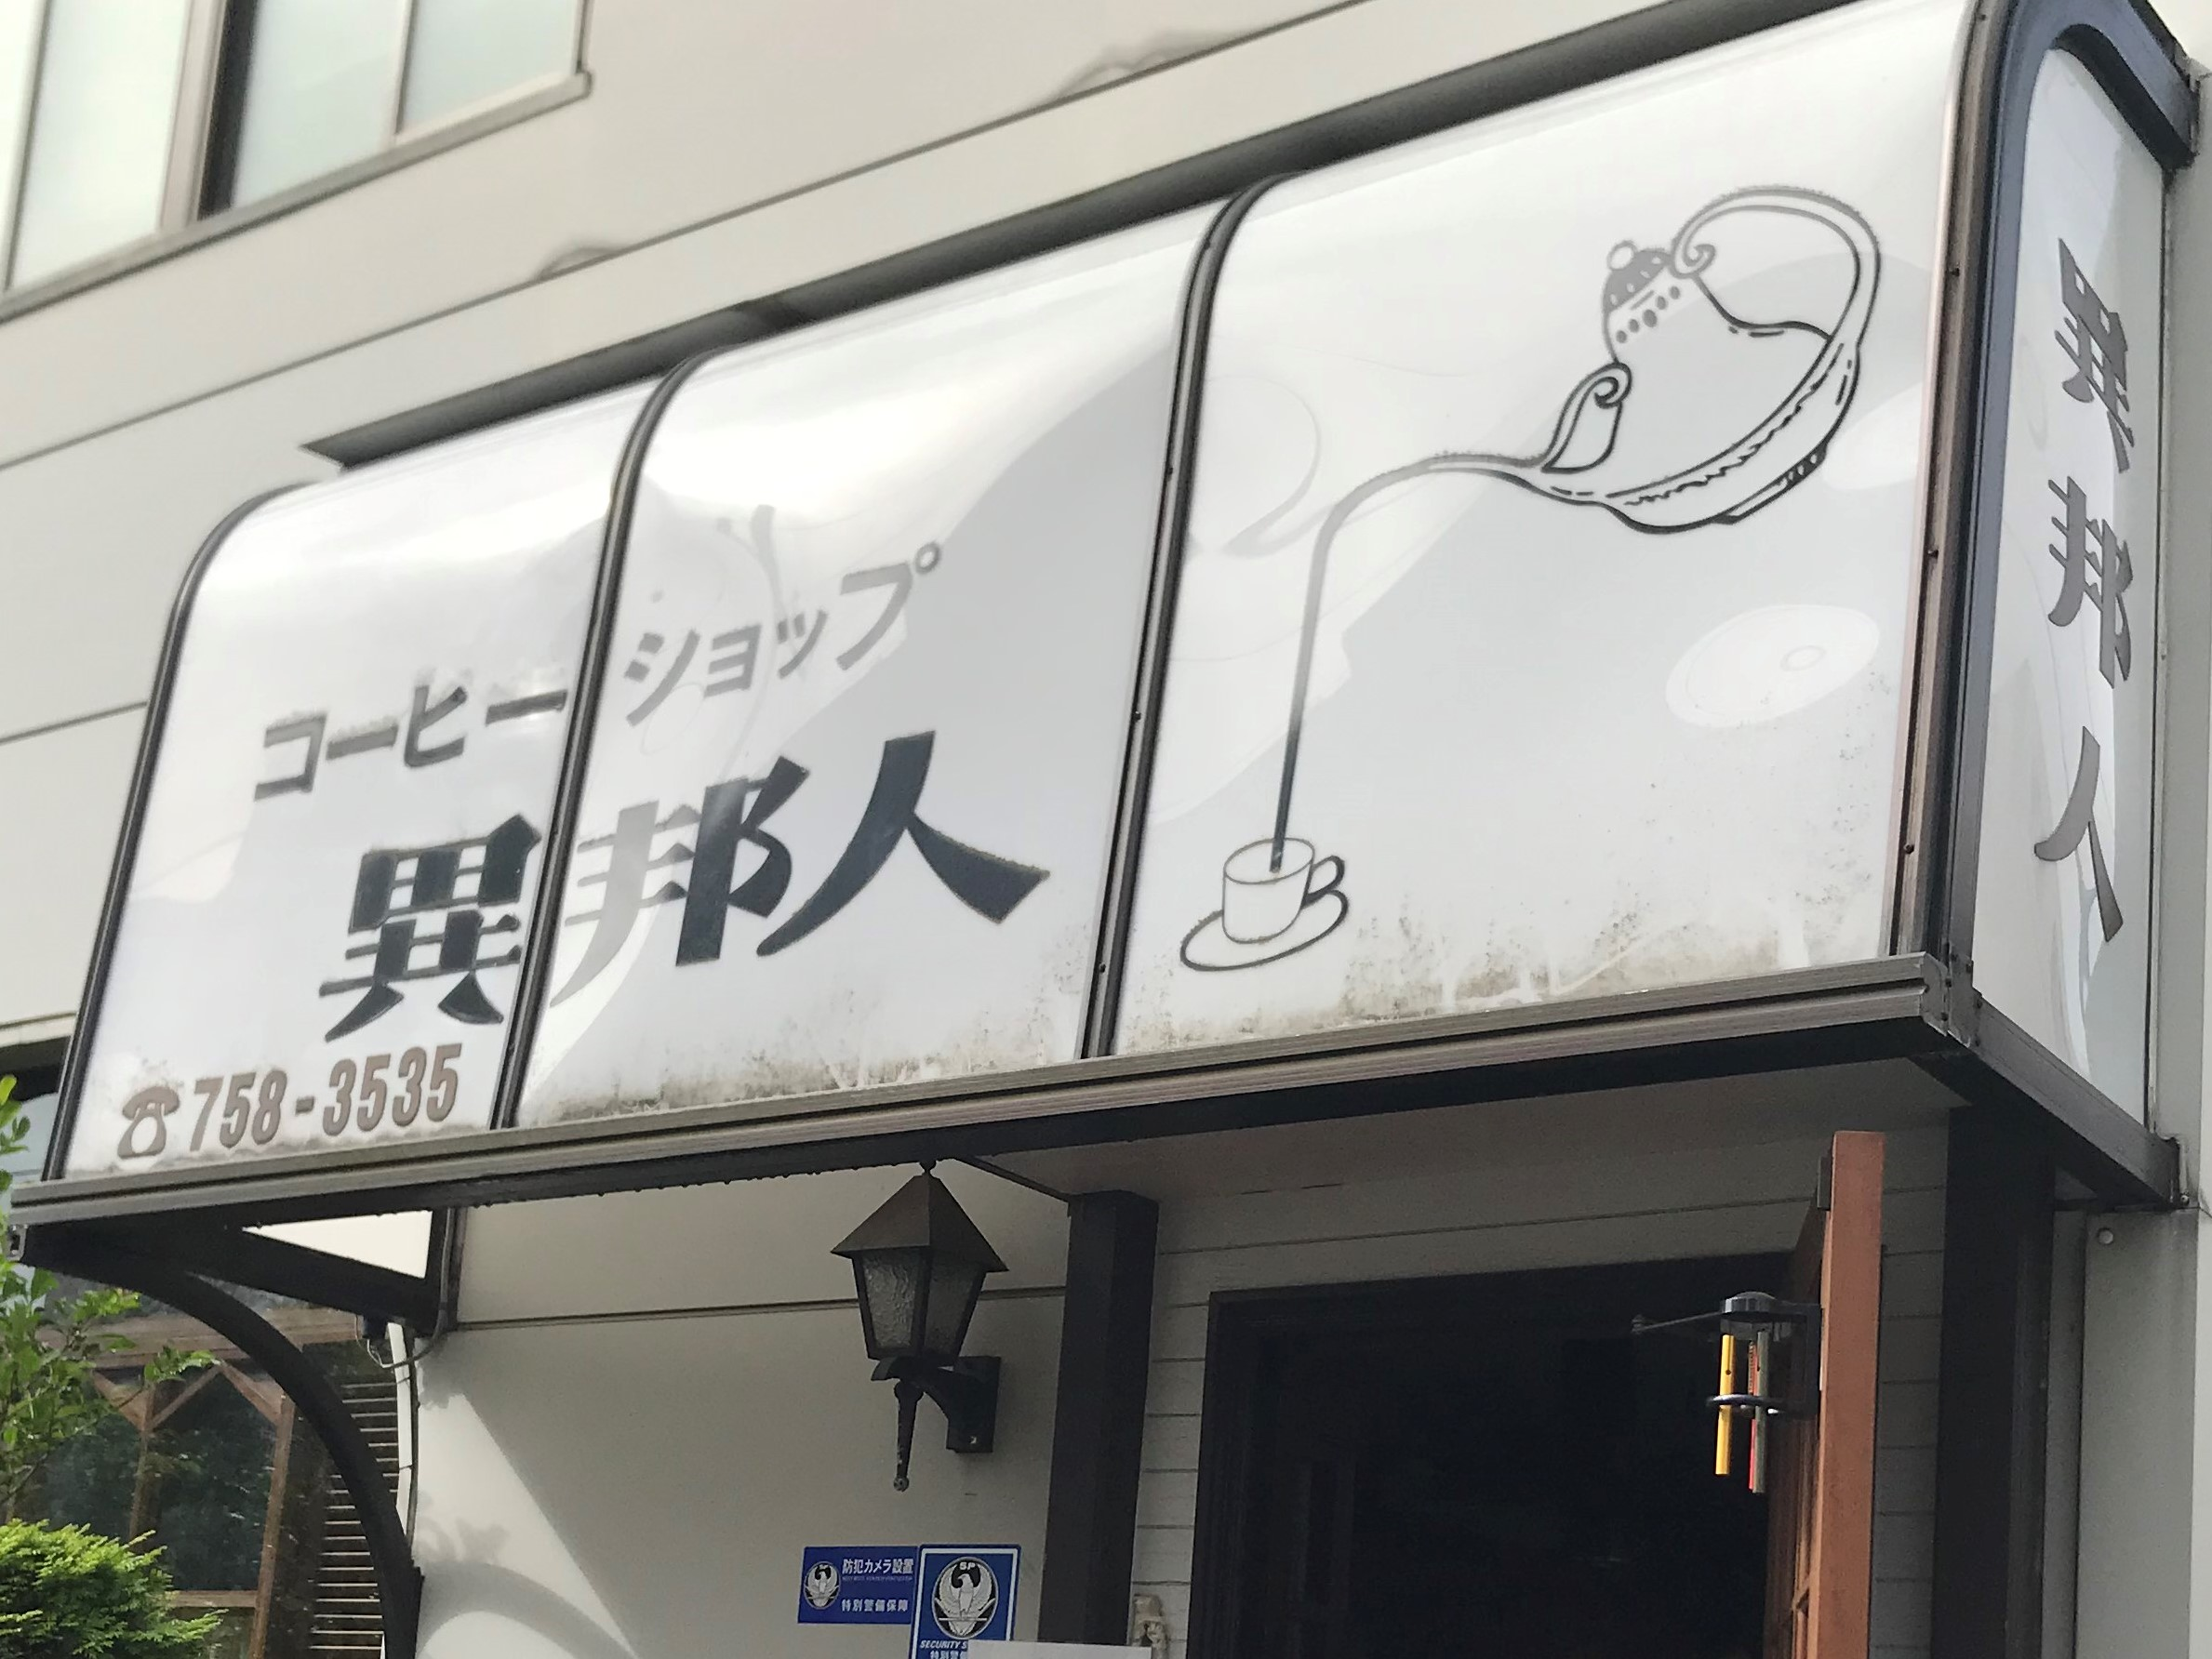 相模原の喫茶店「異邦人」さんの椅子やテーブルなどを販売します